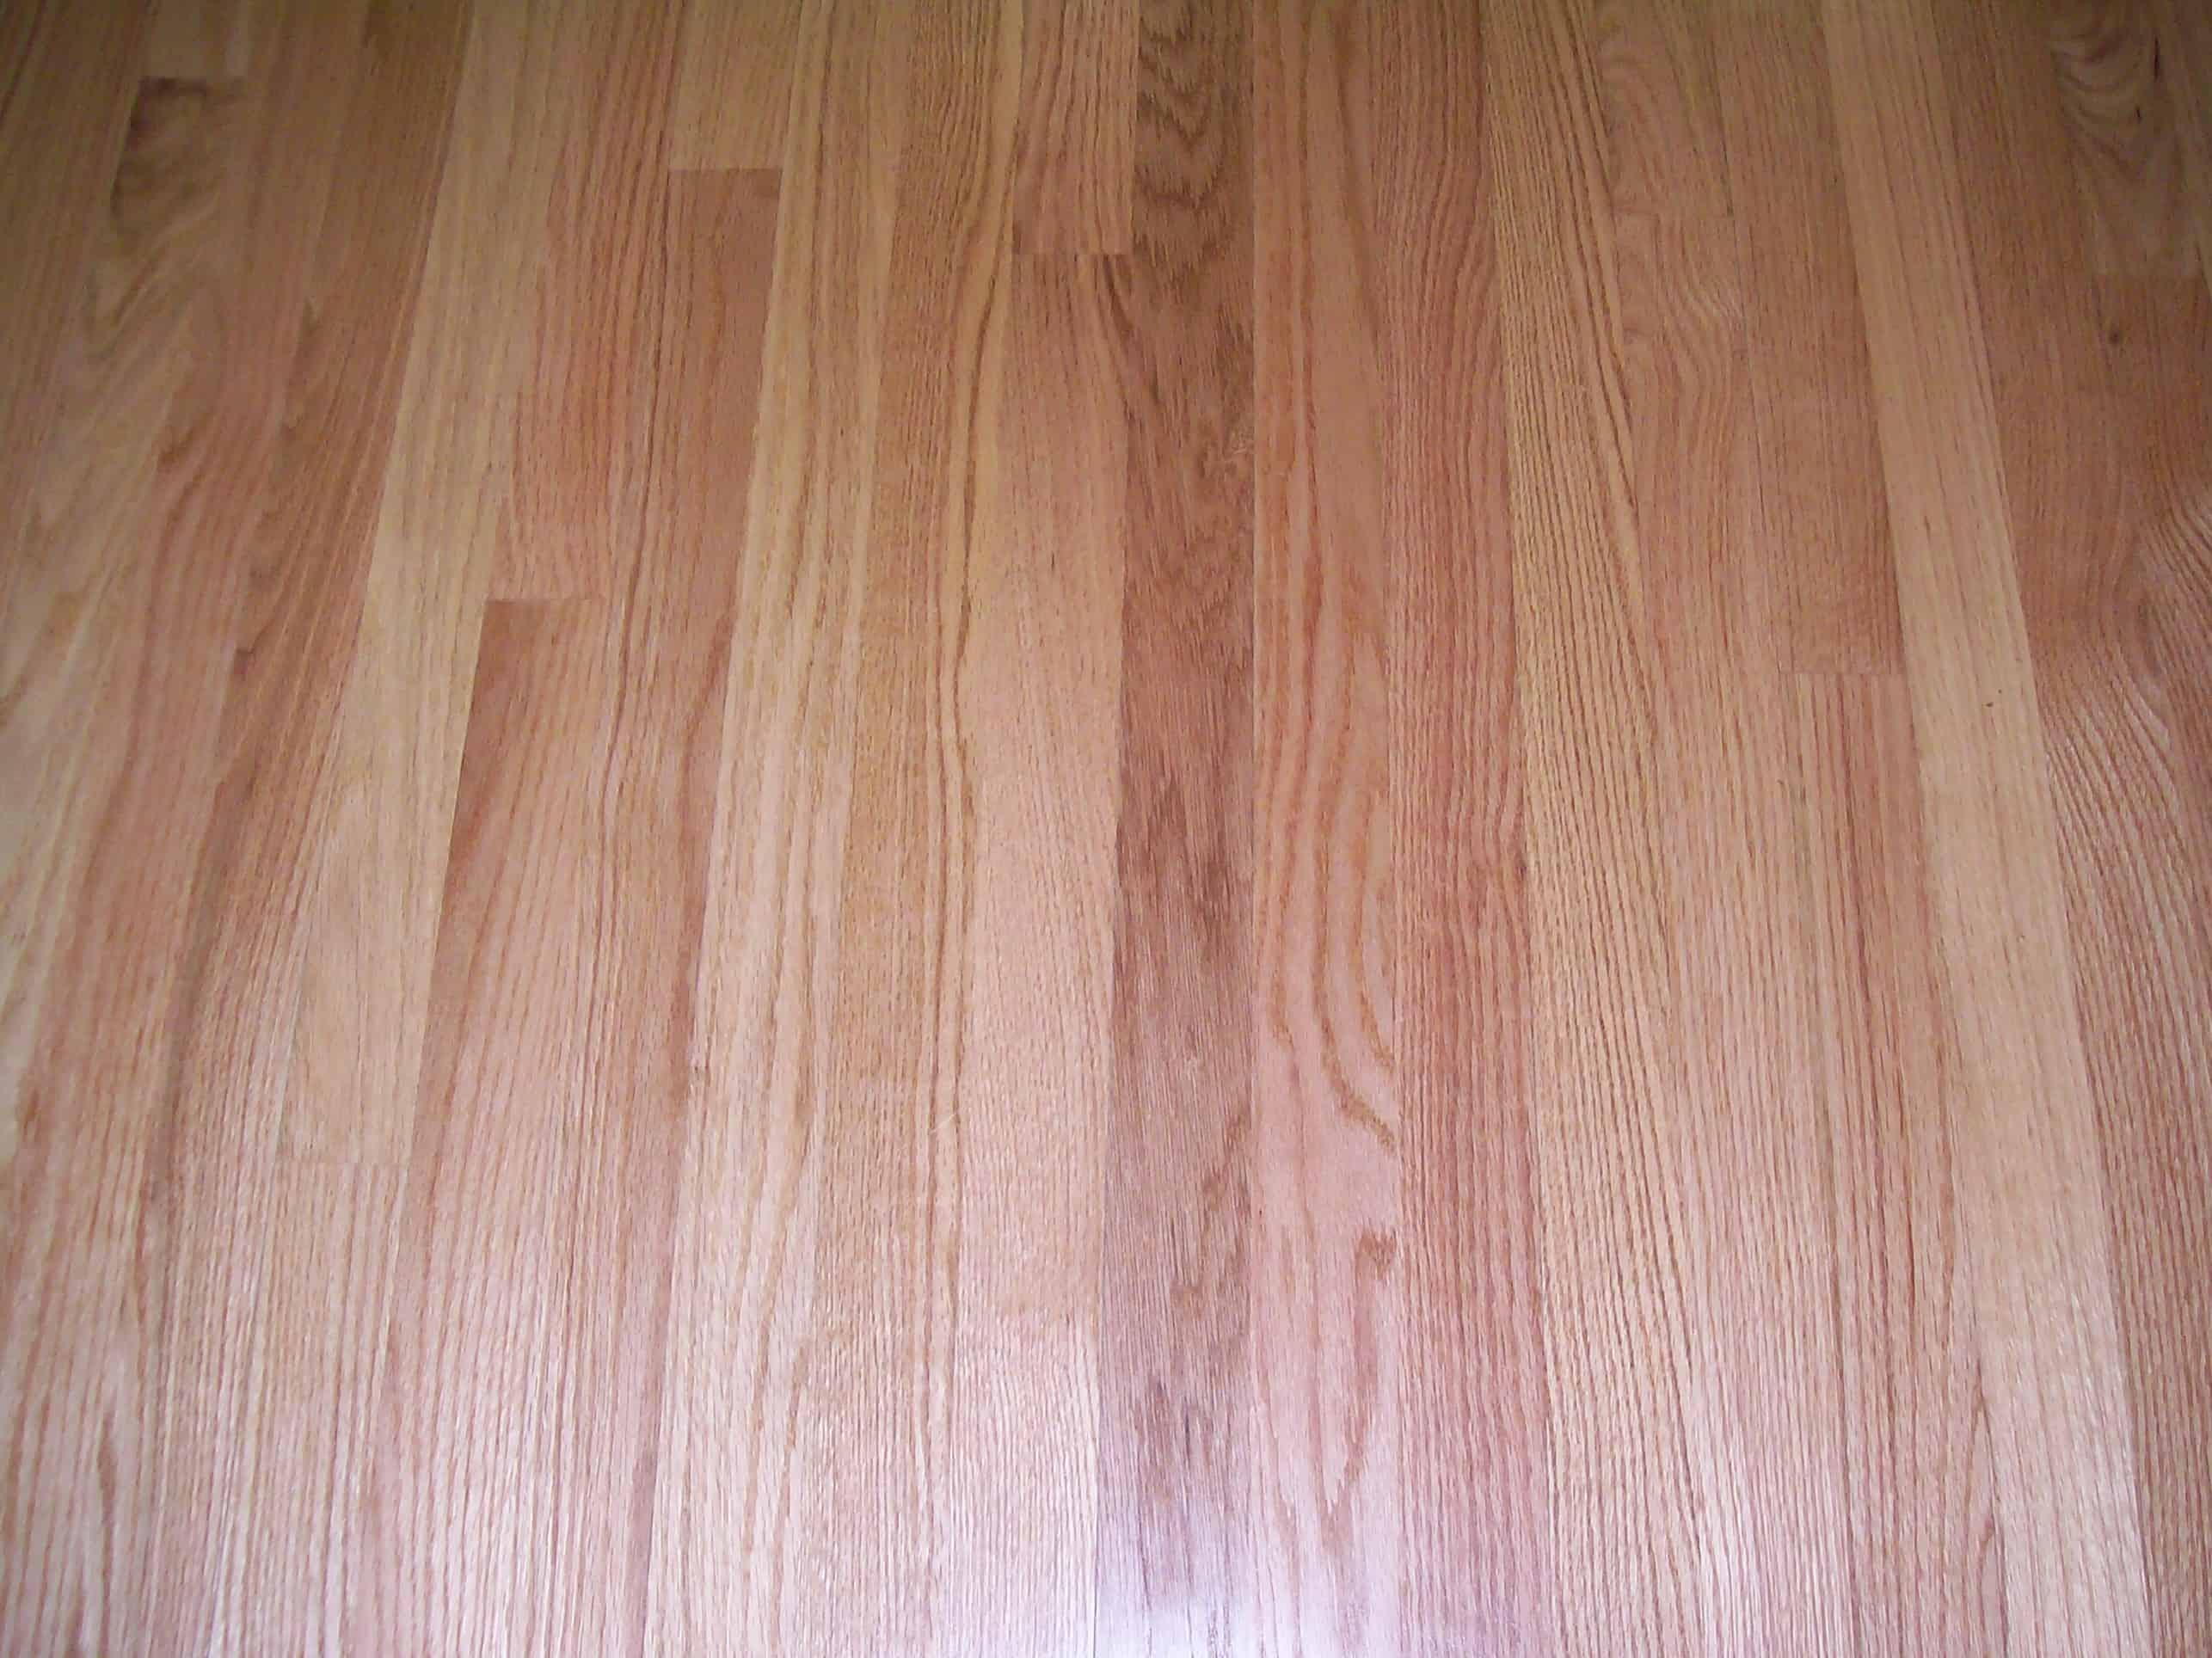 Red oak vs white oak hardwood flooring whats the for Red oak flooring